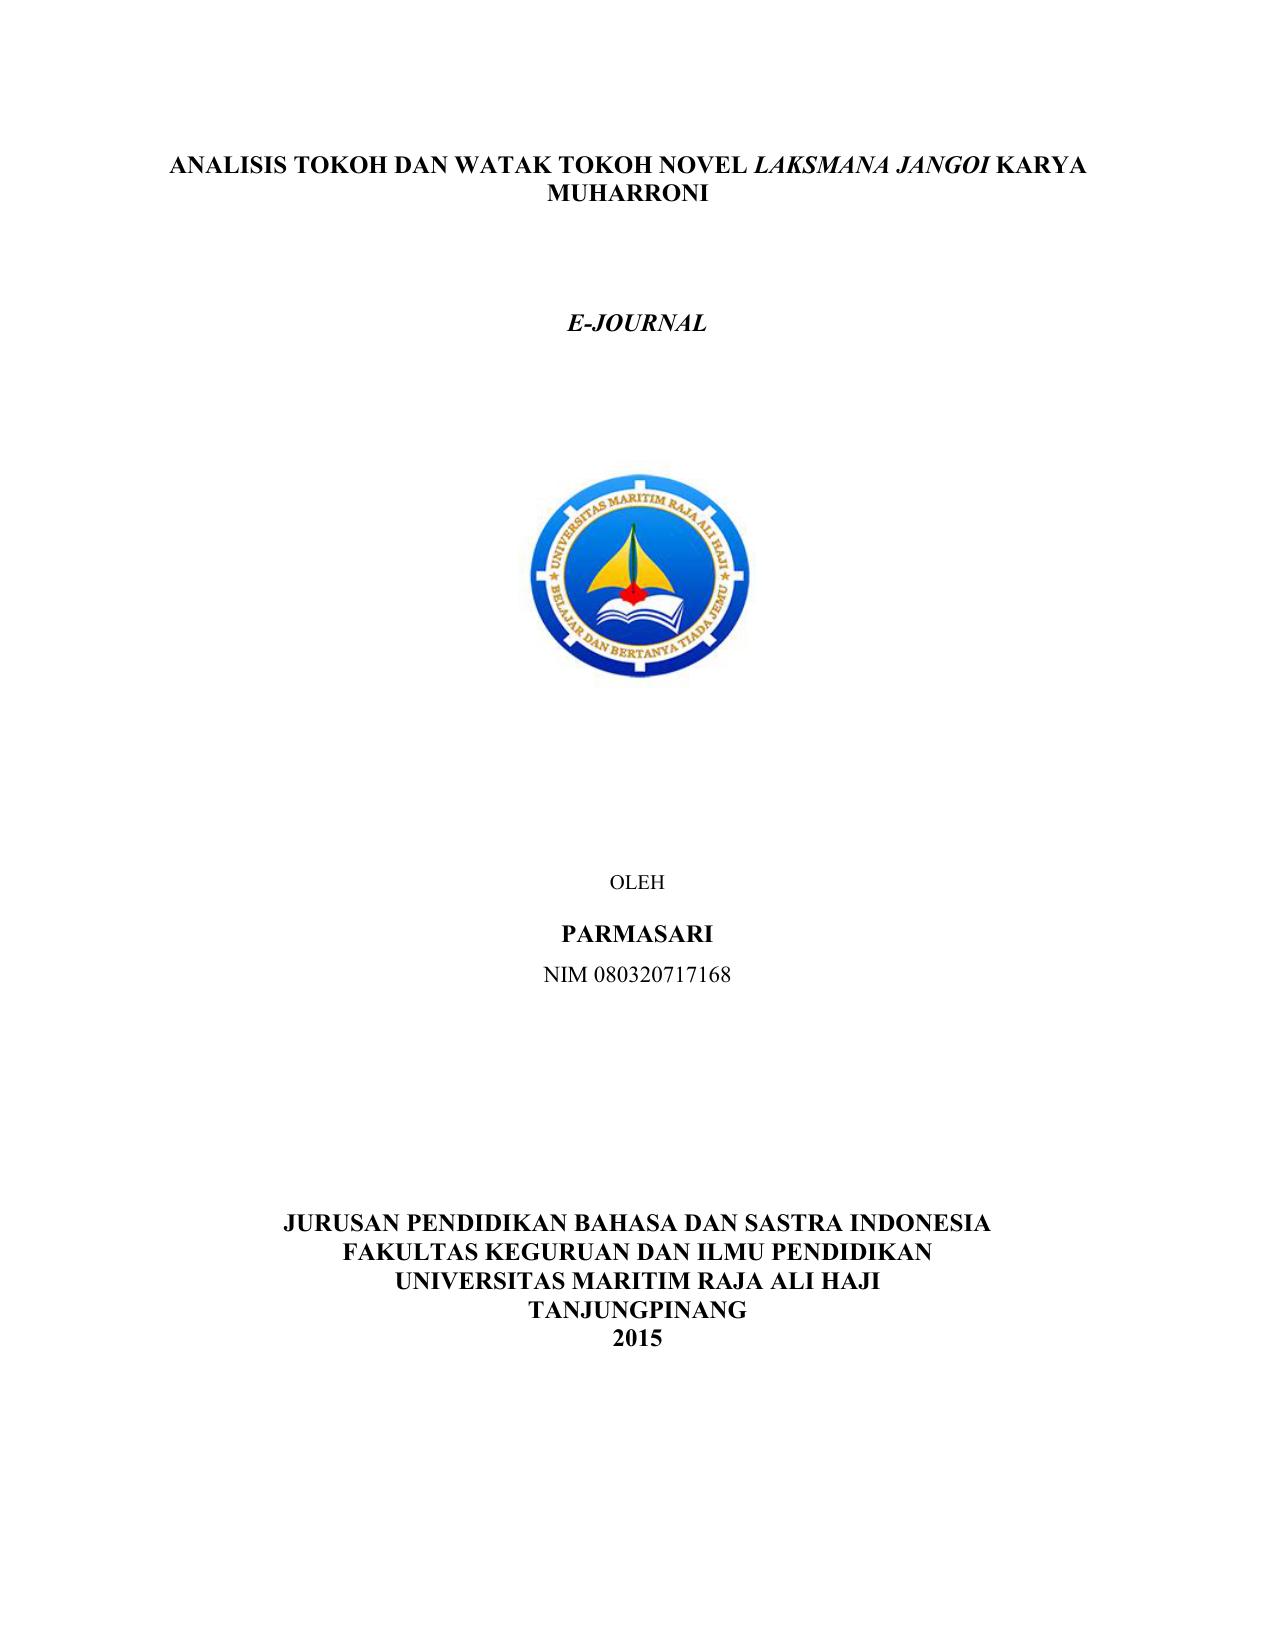 Contoh Skripsi Analisis Karakter Tokoh Pada Novel Contoh Soal Dan Materi Pelajaran 8